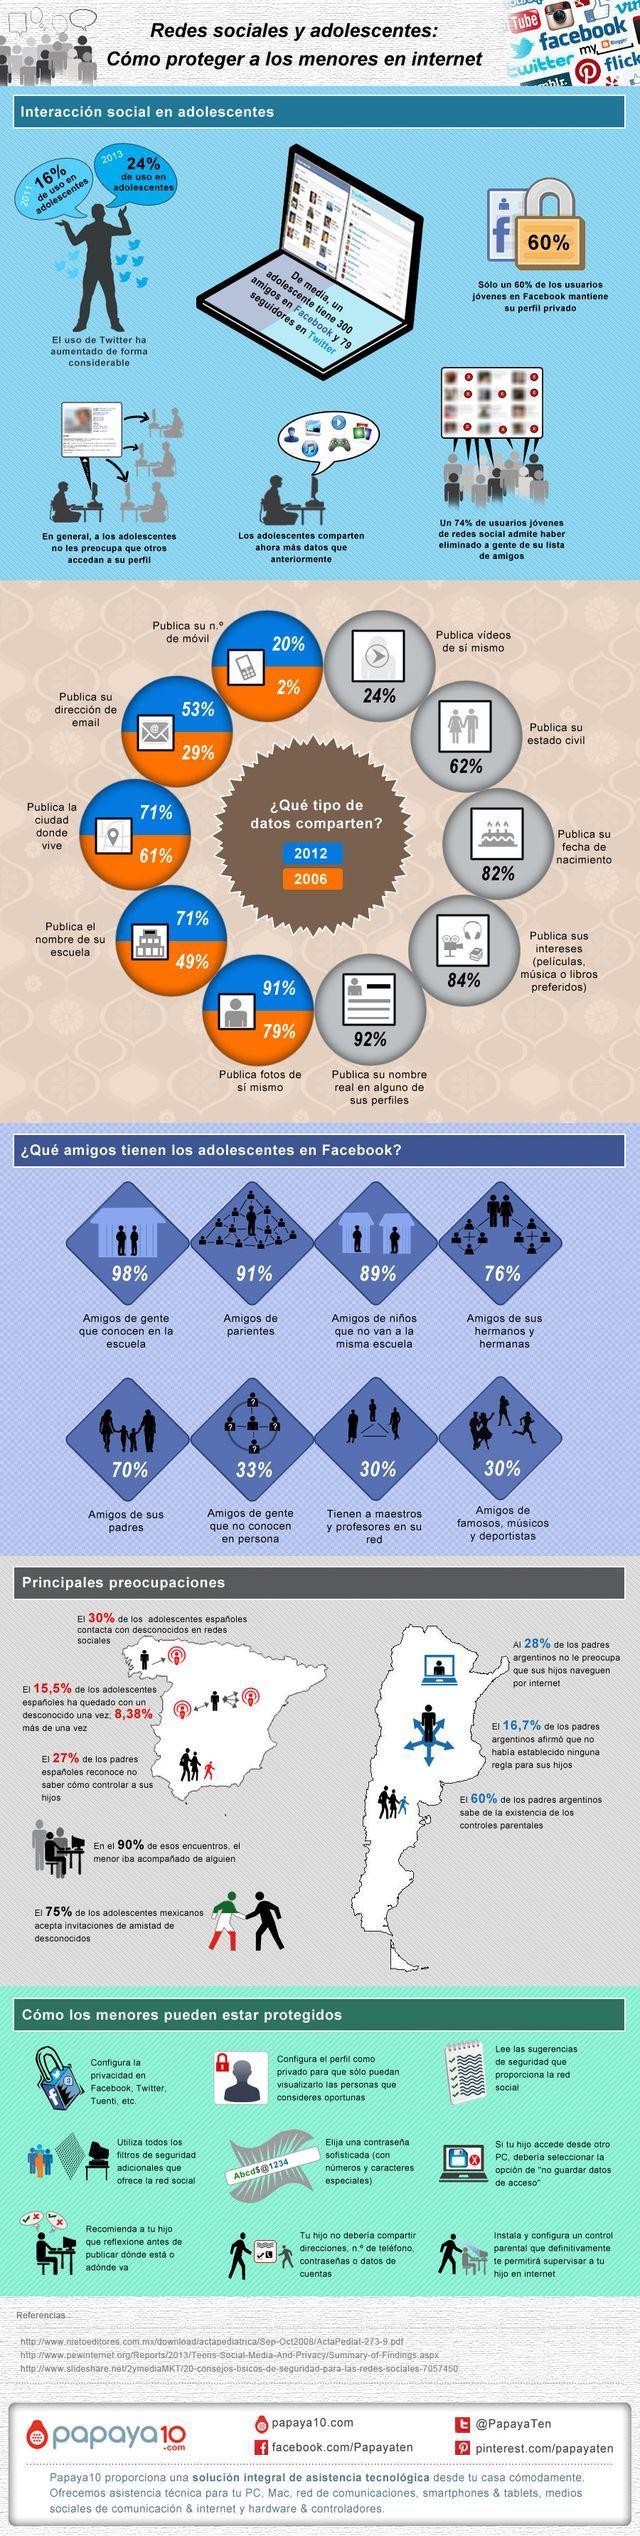 Redes sociales y adolescentes. Cómo protegerlos